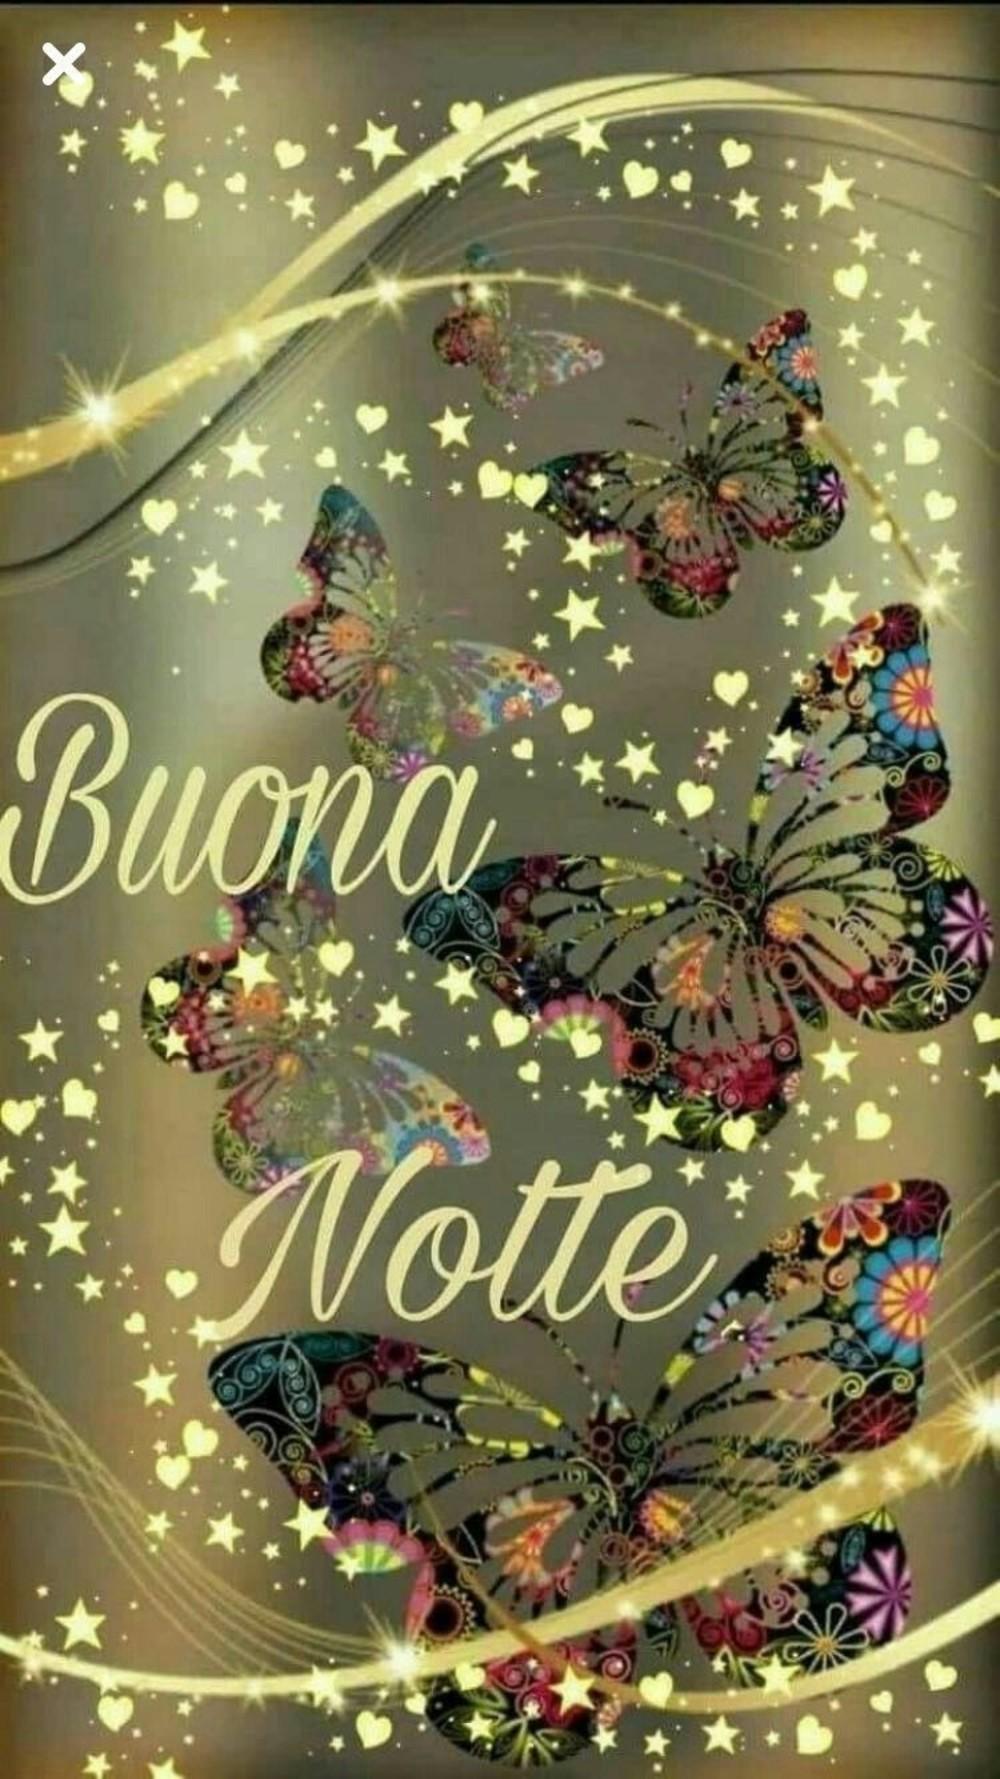 Buona Notte 10491